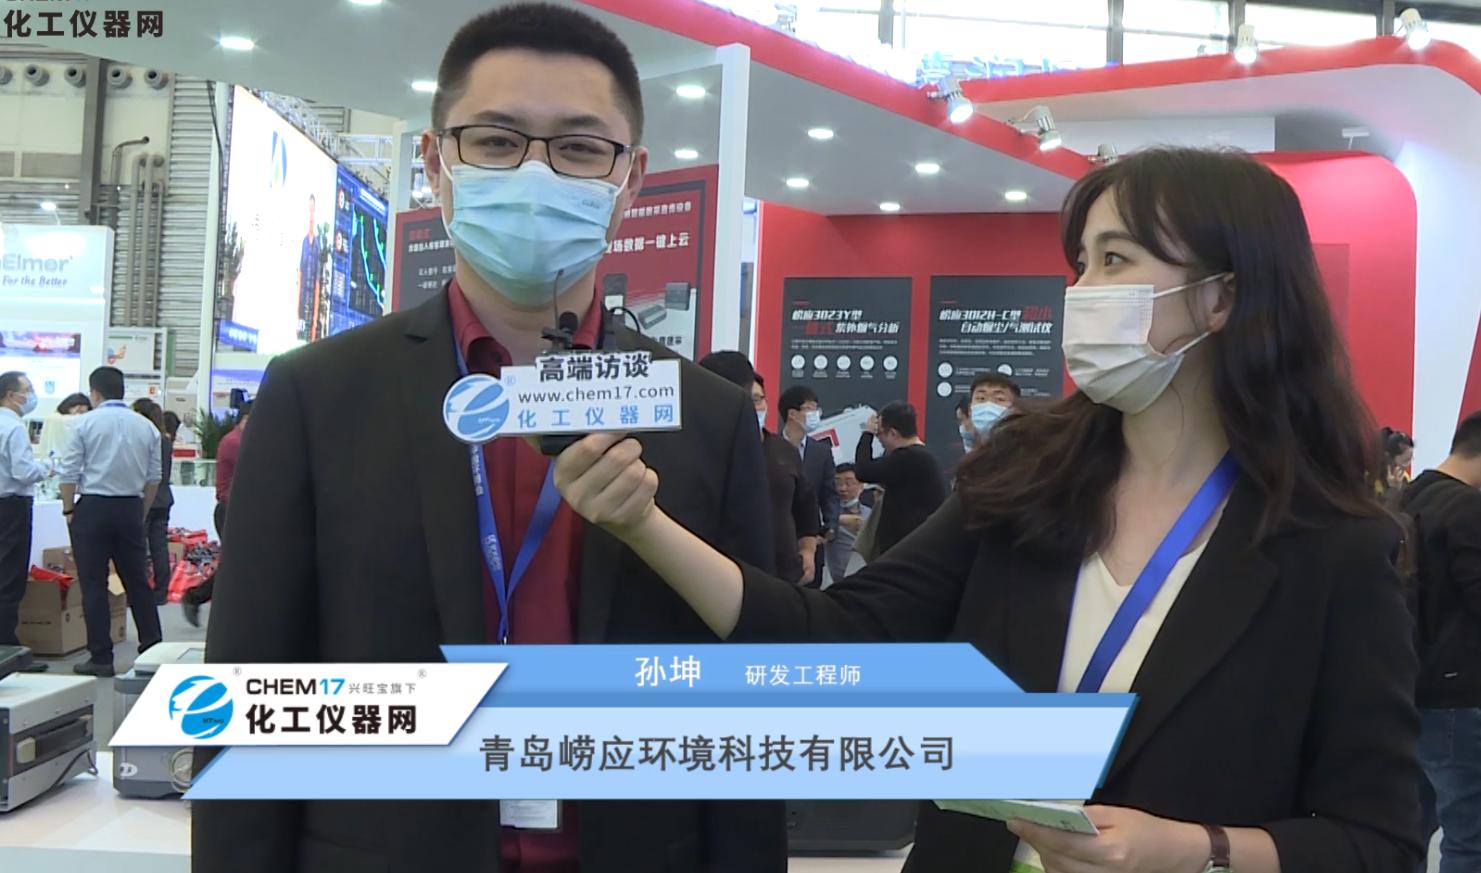 崂应携新仪器{2021欧洲杯竞彩官网主词}、新标准、新技术亮相第22届中国环博会